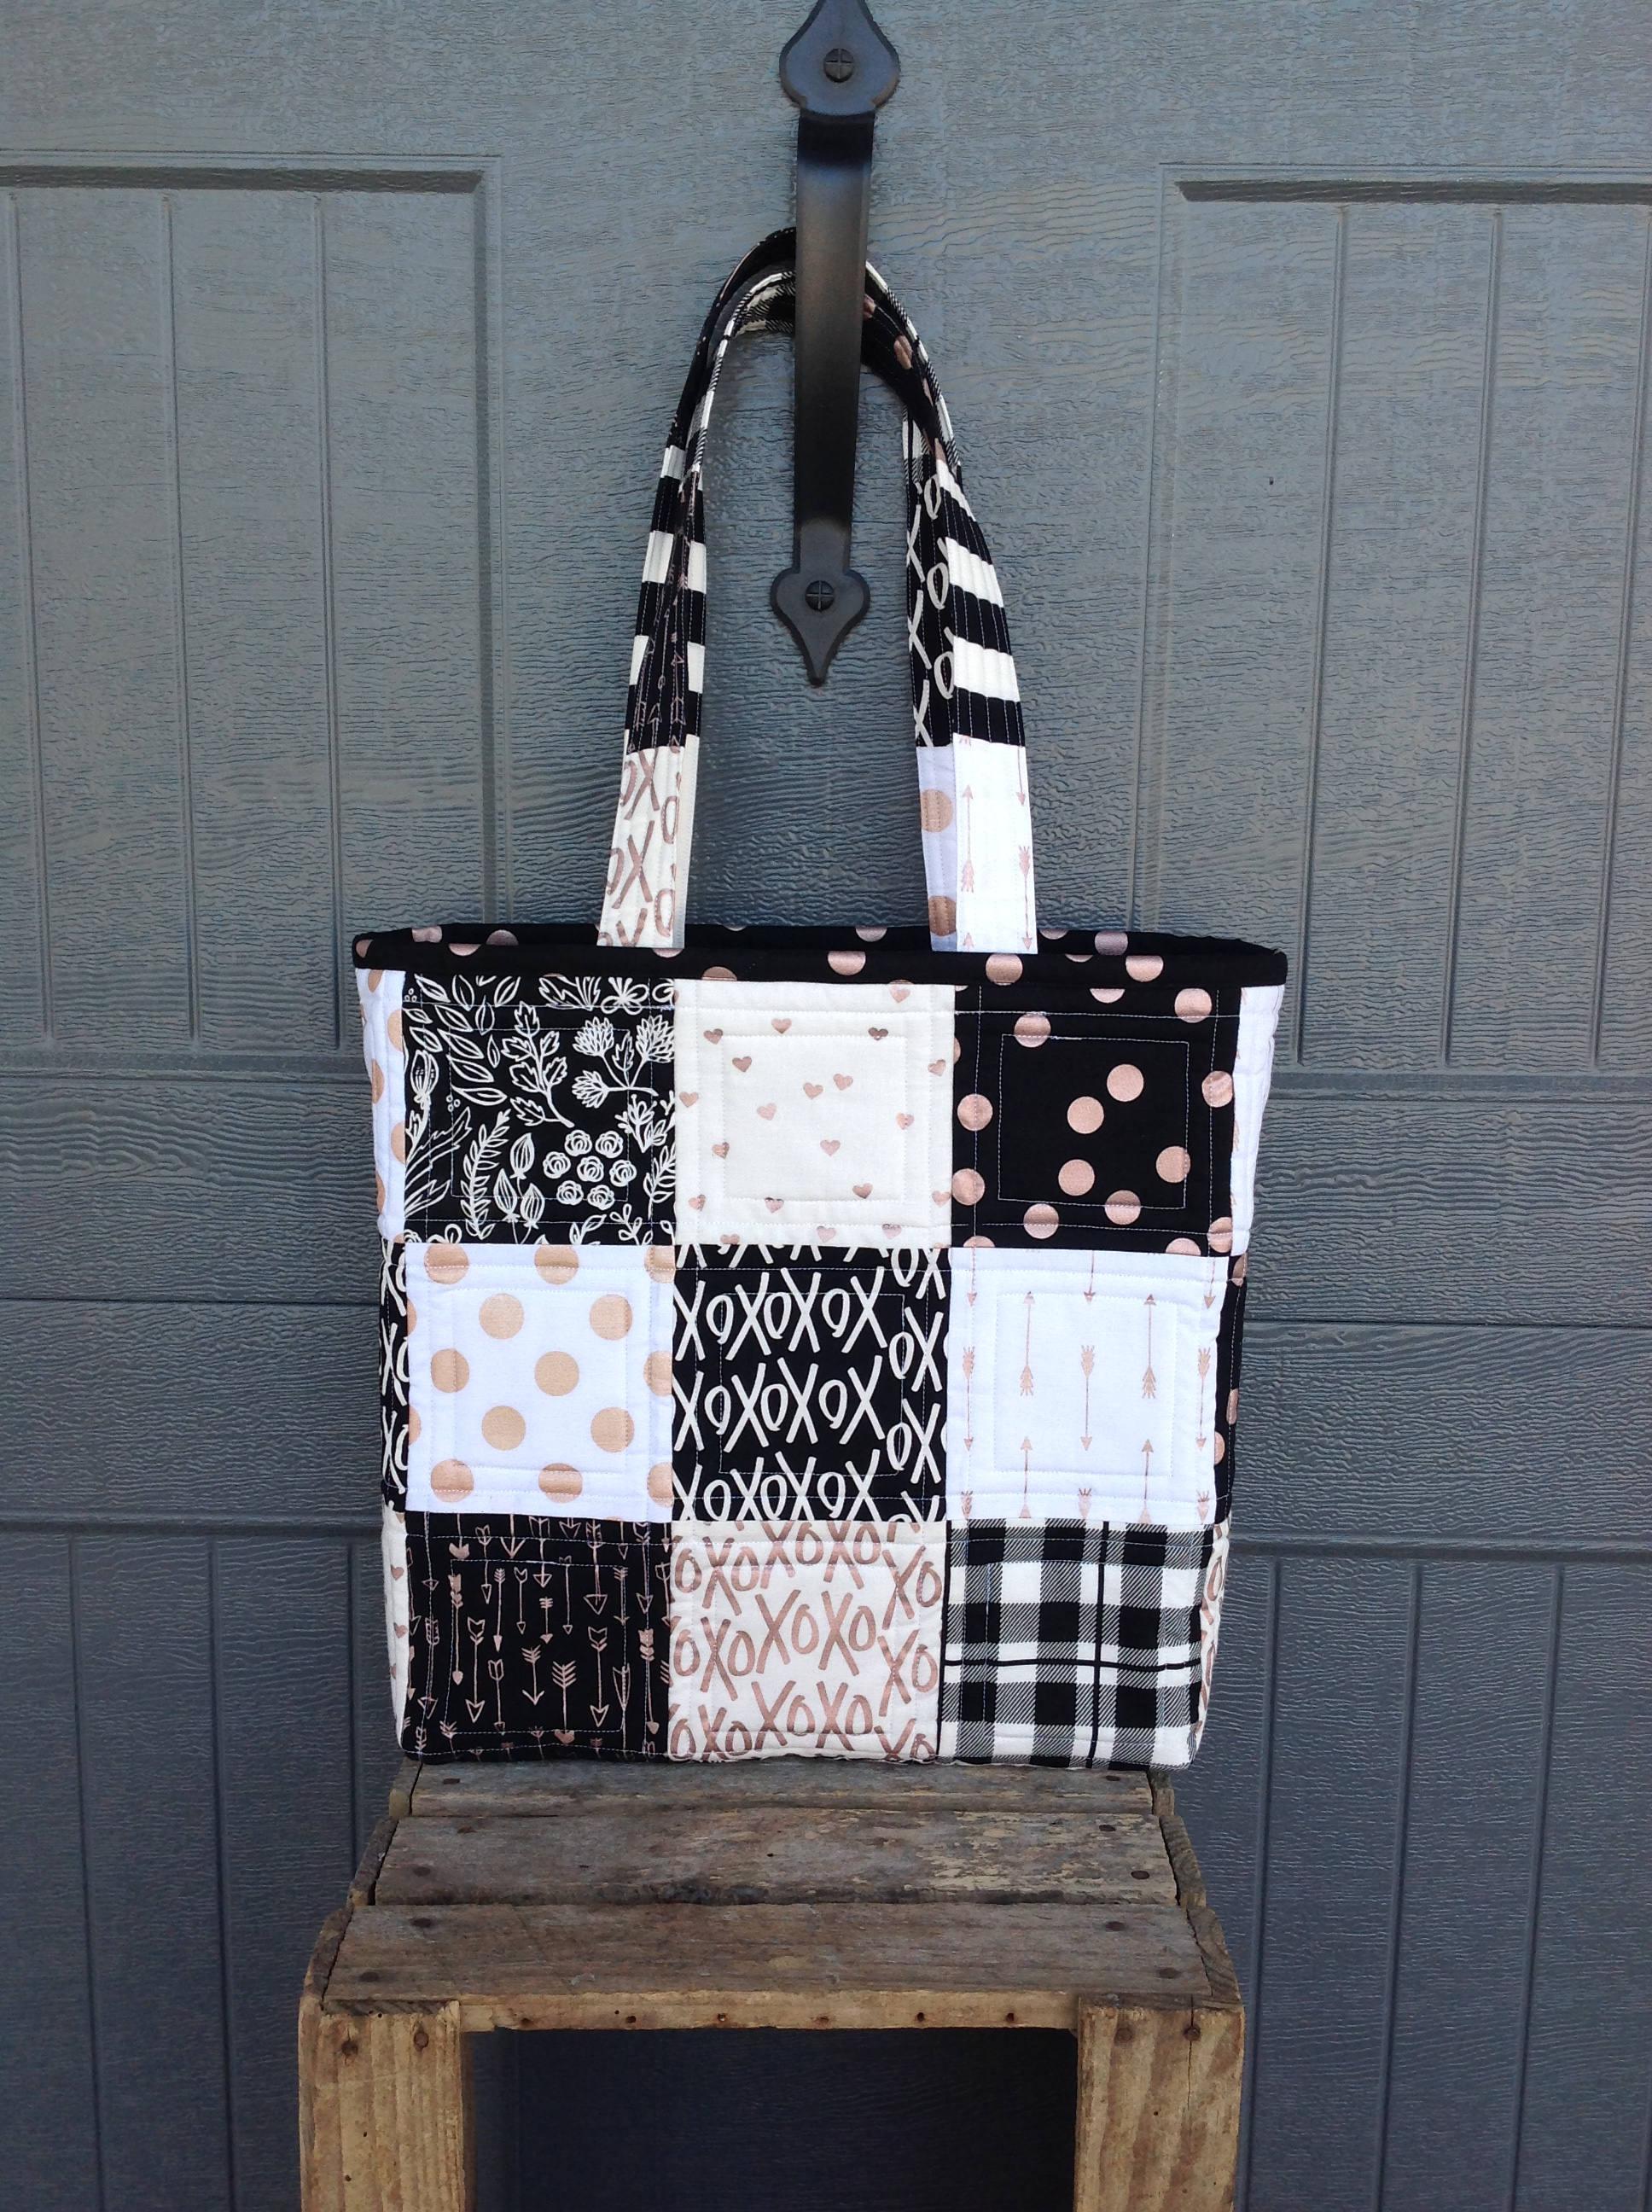 ROSE GOLD and Black Tote Bag Patchwork Bag Quilted Handbag